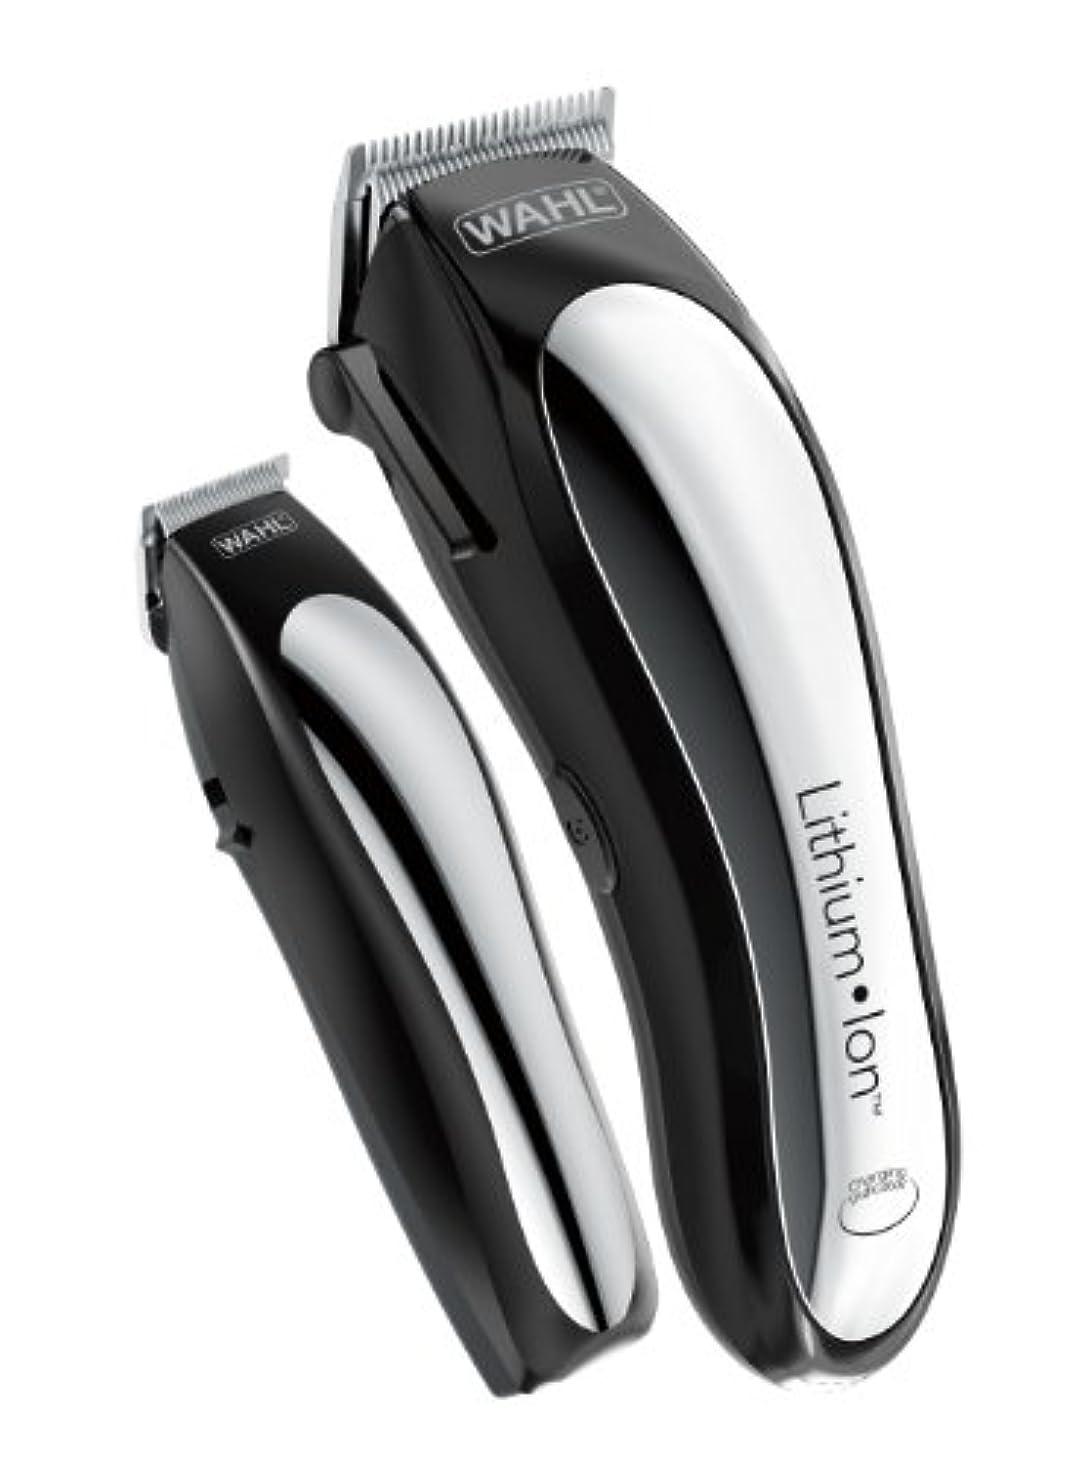 受け取るハブブ男やもめWahl Clipper Lithium Ion Cordless Rechargeable Hair Clippers and Trimmers for men,Hair Cutting Kit with 10 Guide...